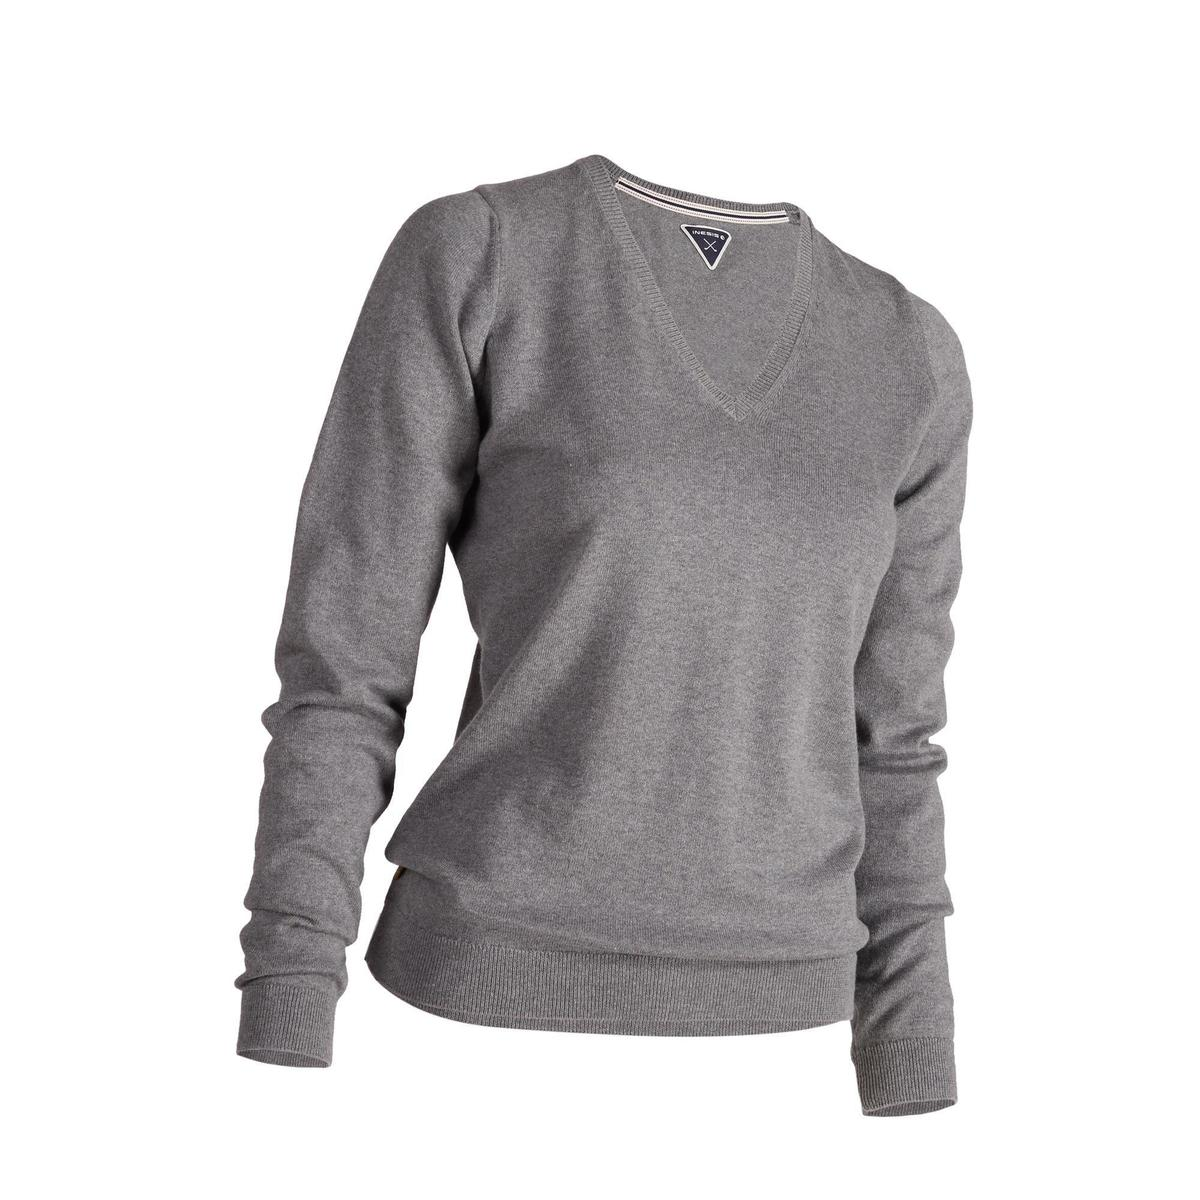 Bild 1 von Golf Pullover Damen grau